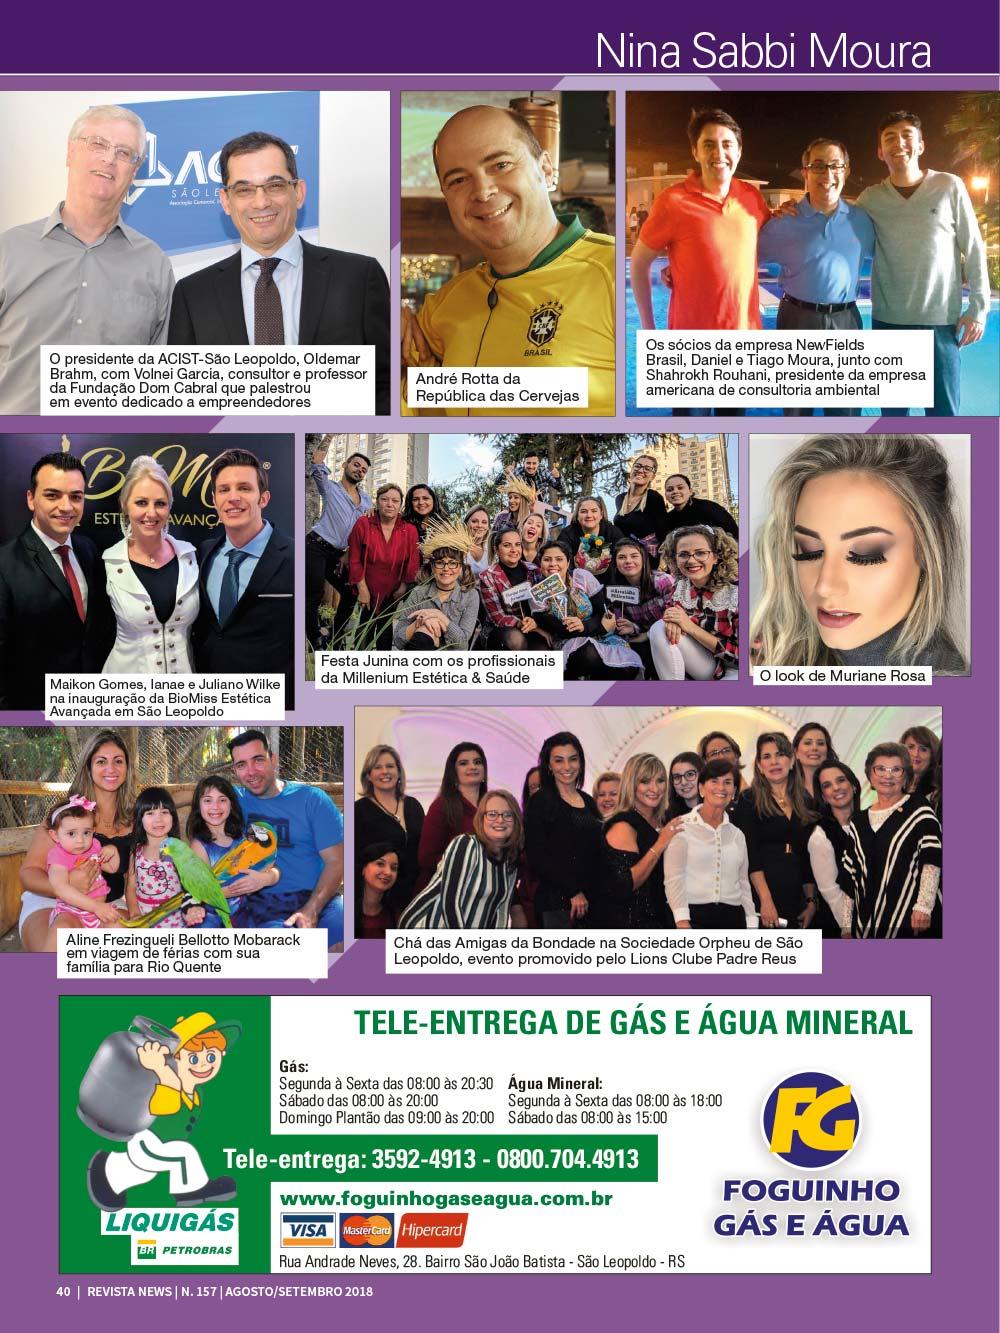 Revista News 157 40 - Nina Sabbi Moura - Edição 157